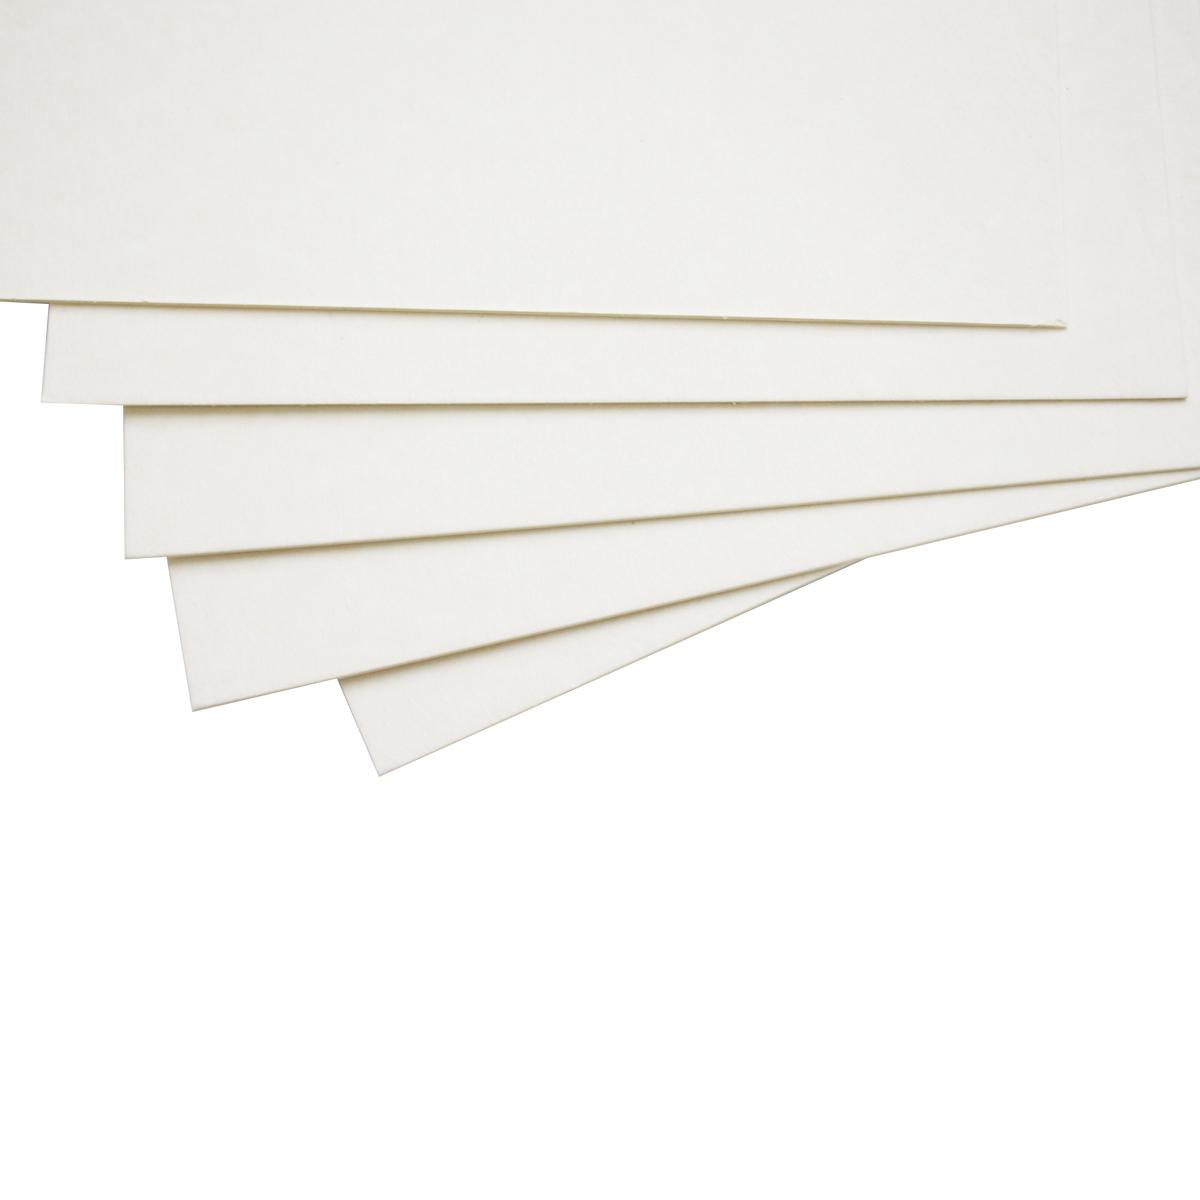 Картон пивной ЧипАрт, толщина 1 мм, 21 х 30 см, 5 листов1106100Картон является незаменимой частью многих работ в скрапбукинге. Пивной картон состоит из множества тонких слоев, и легко режется, поэтому прекрасно подойдет для изготовления страниц в альбомах.